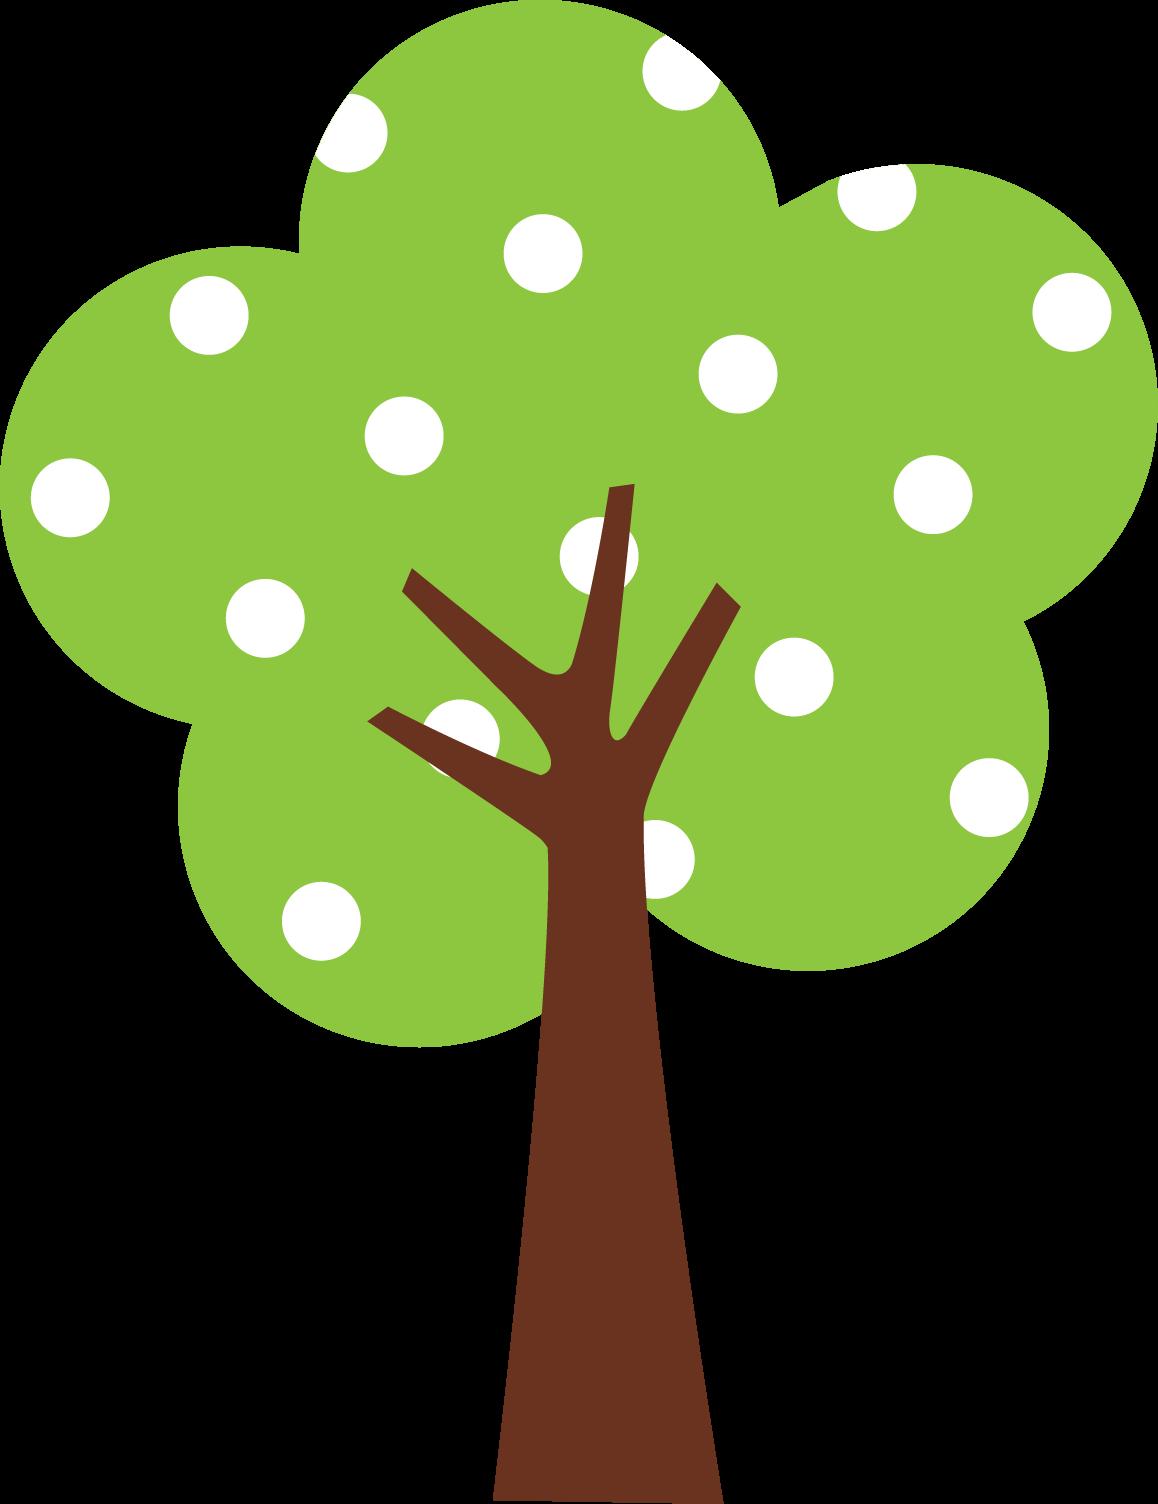 Dibujos de arboles para imprimir | Imagenes y dibujos para imprimir |  Flower clip, Applique, Clip art